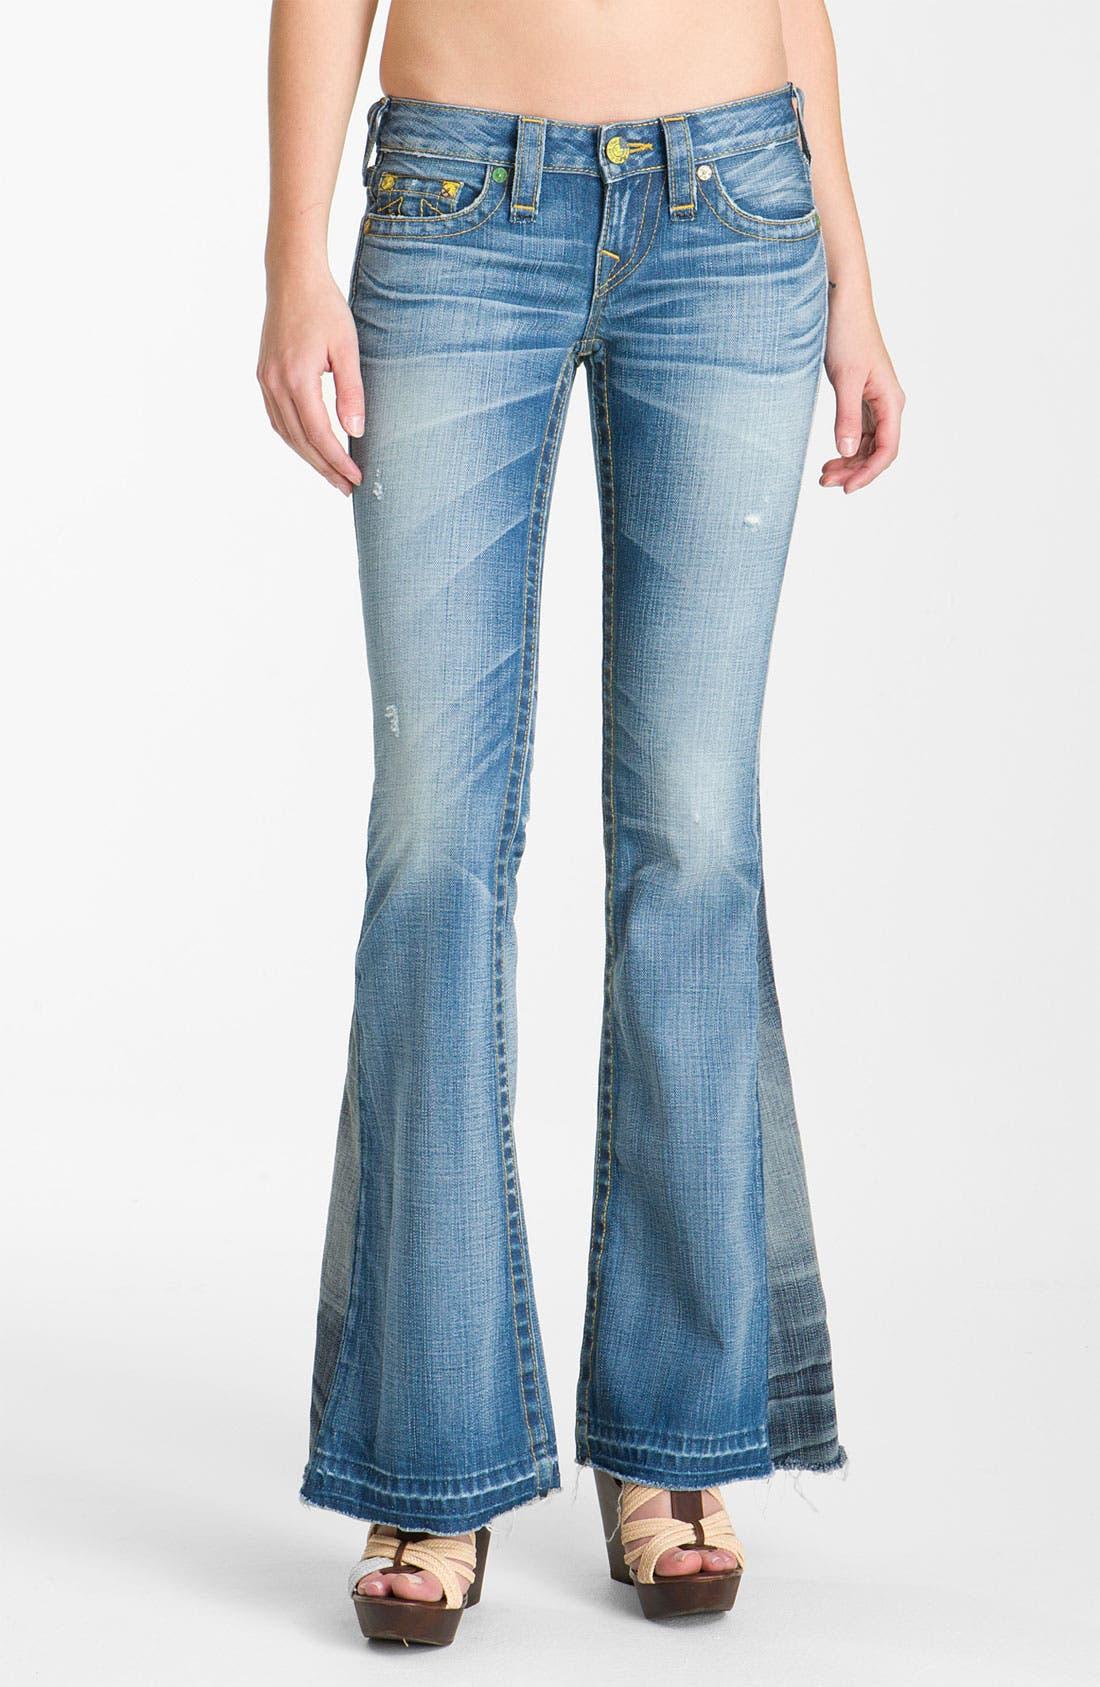 Alternate Image 1 Selected - True Religion Brand Jeans 'Bobby' Flare Leg Jeans (Arlington)